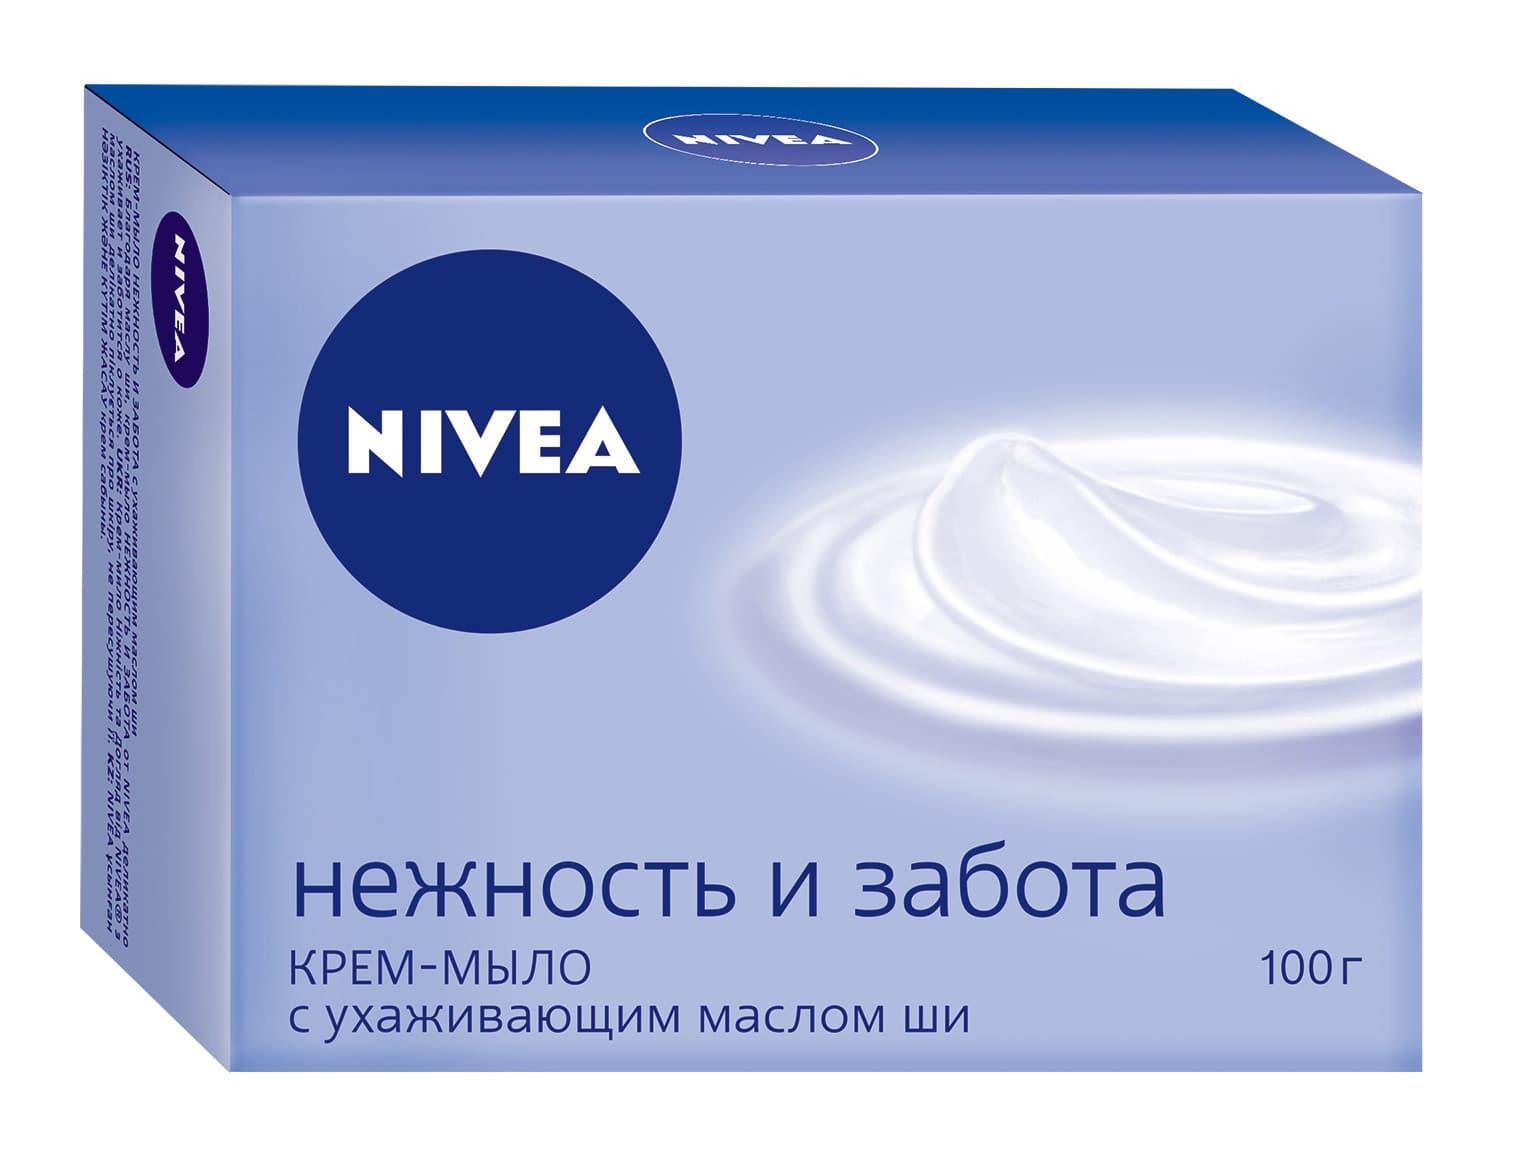 Nivea Крем-Мыло Нежность И Забота